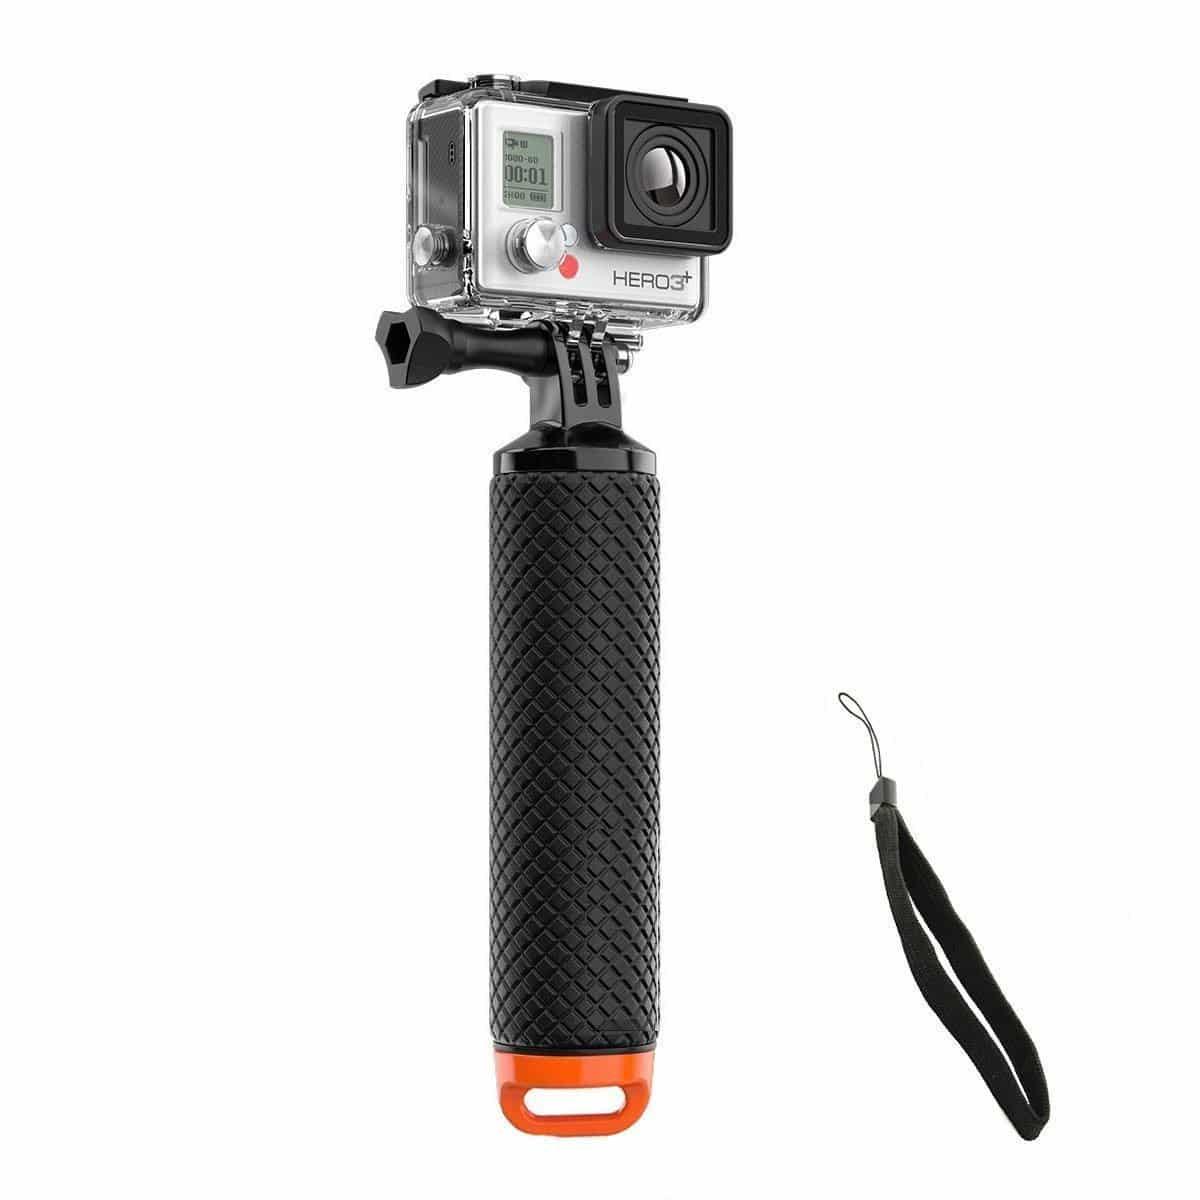 Mystery Waterproof Selfie Stick Pole